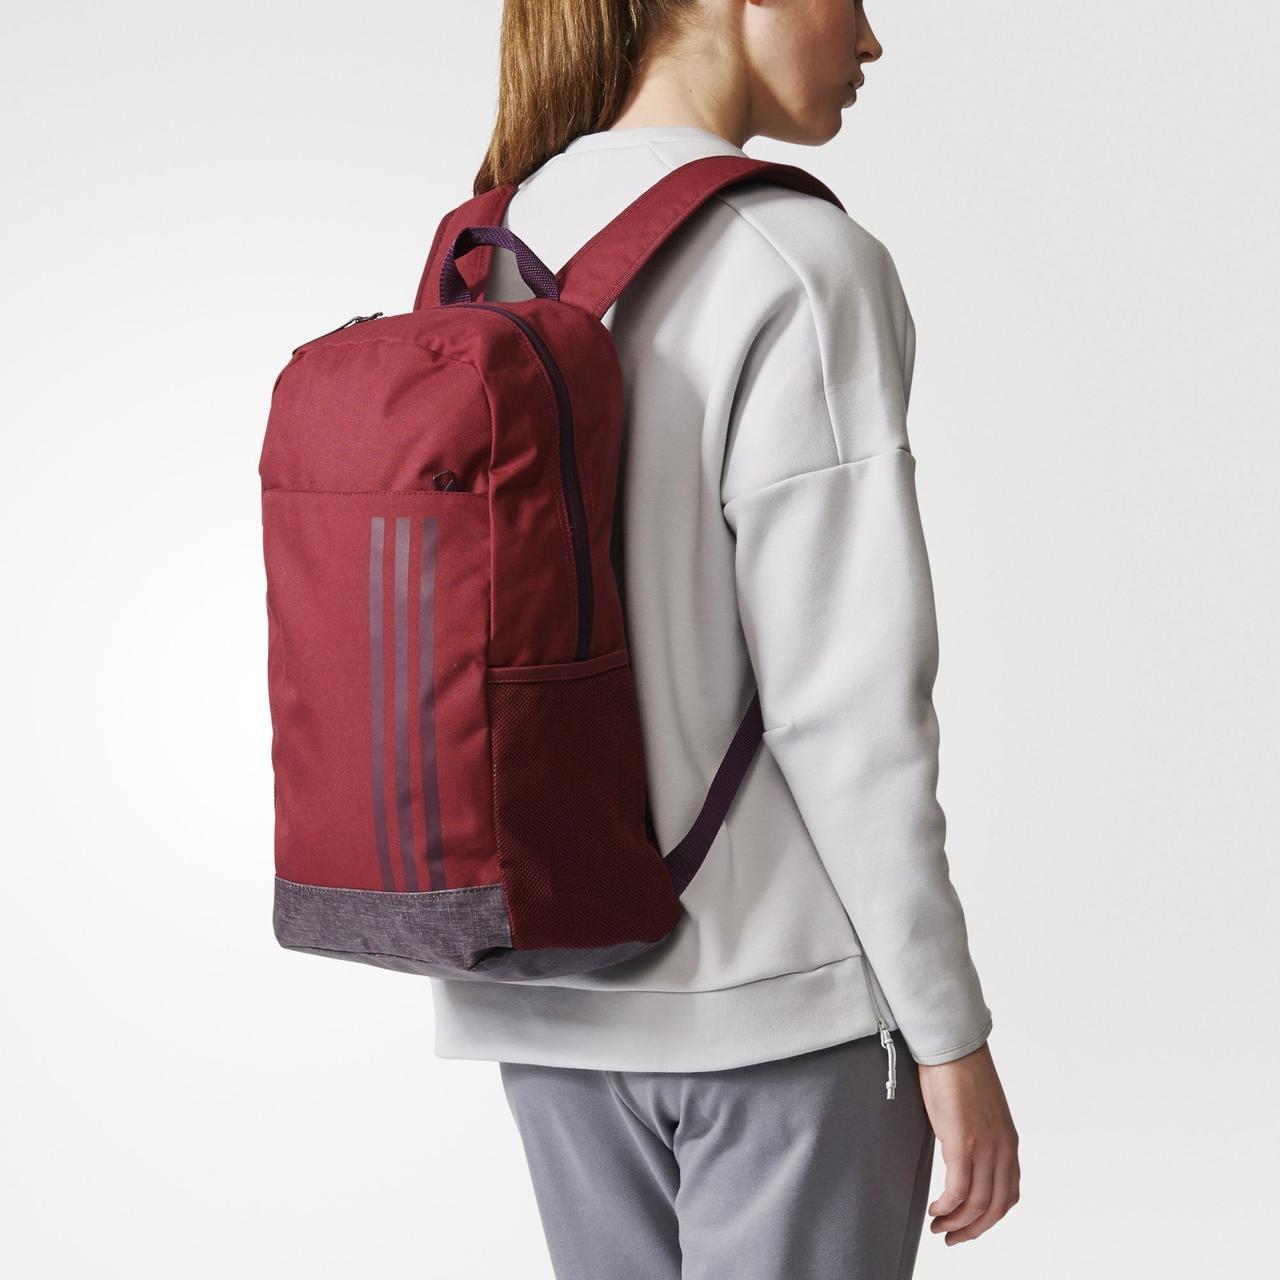 Original Рюкзак городской ADIDAS CLASSIC M  3-STRIPPED SORTING BAG BR1557 спортивный женский